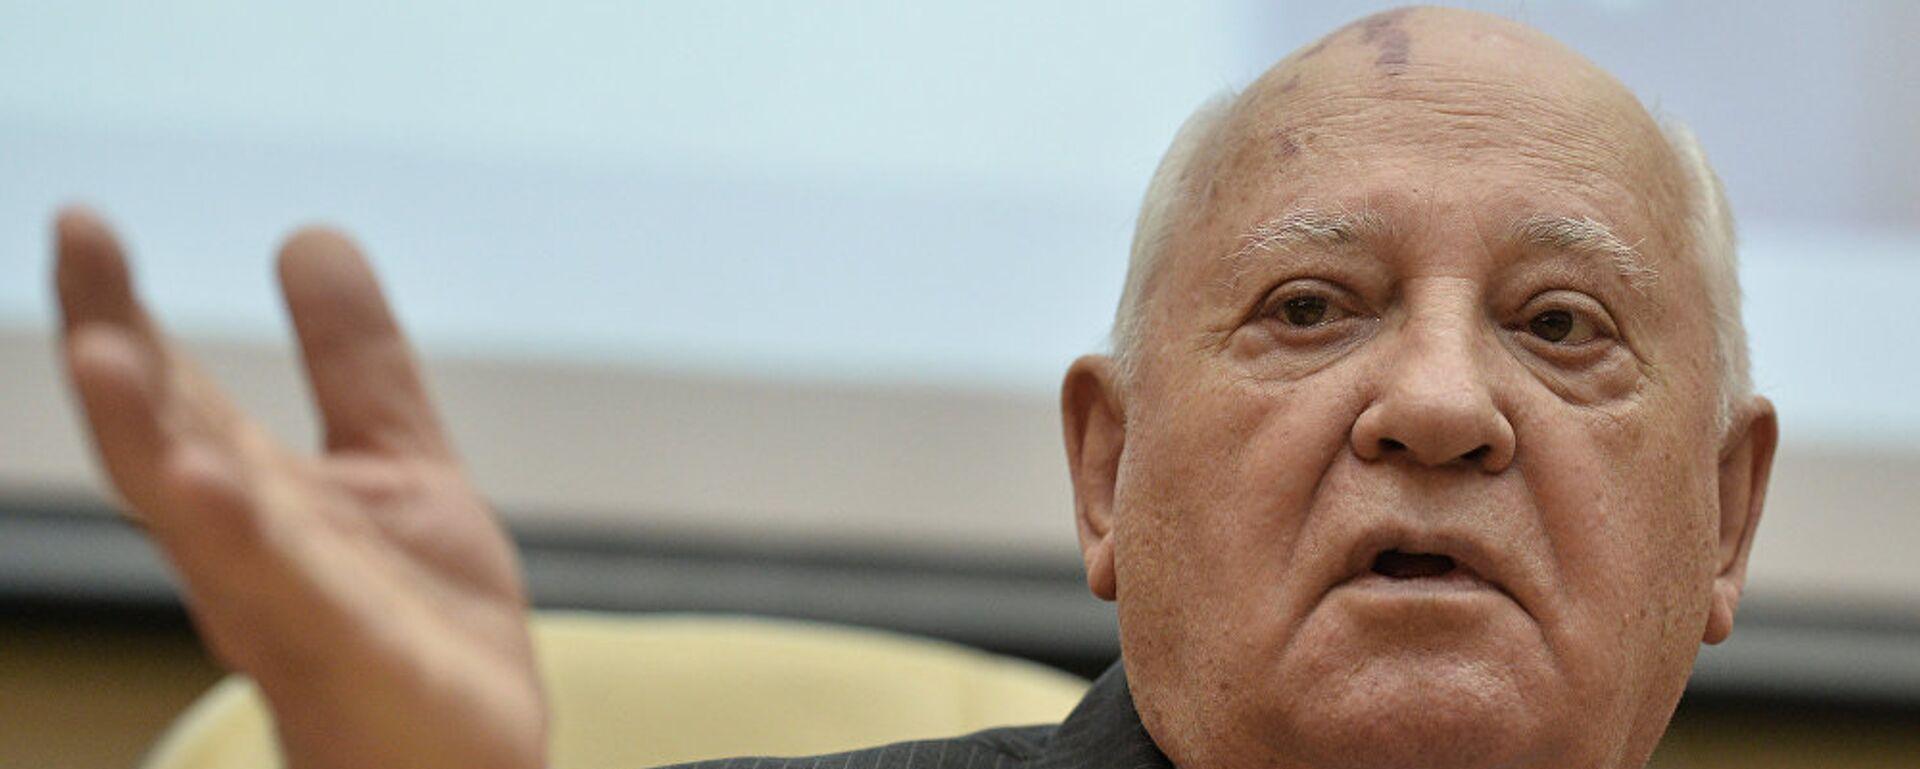 Ο τελευταίος ηγέτης της ΕΣΣΔ Μιχαήλ Γκορμπατσόφ - Sputnik Ελλάδα, 1920, 16.06.2021